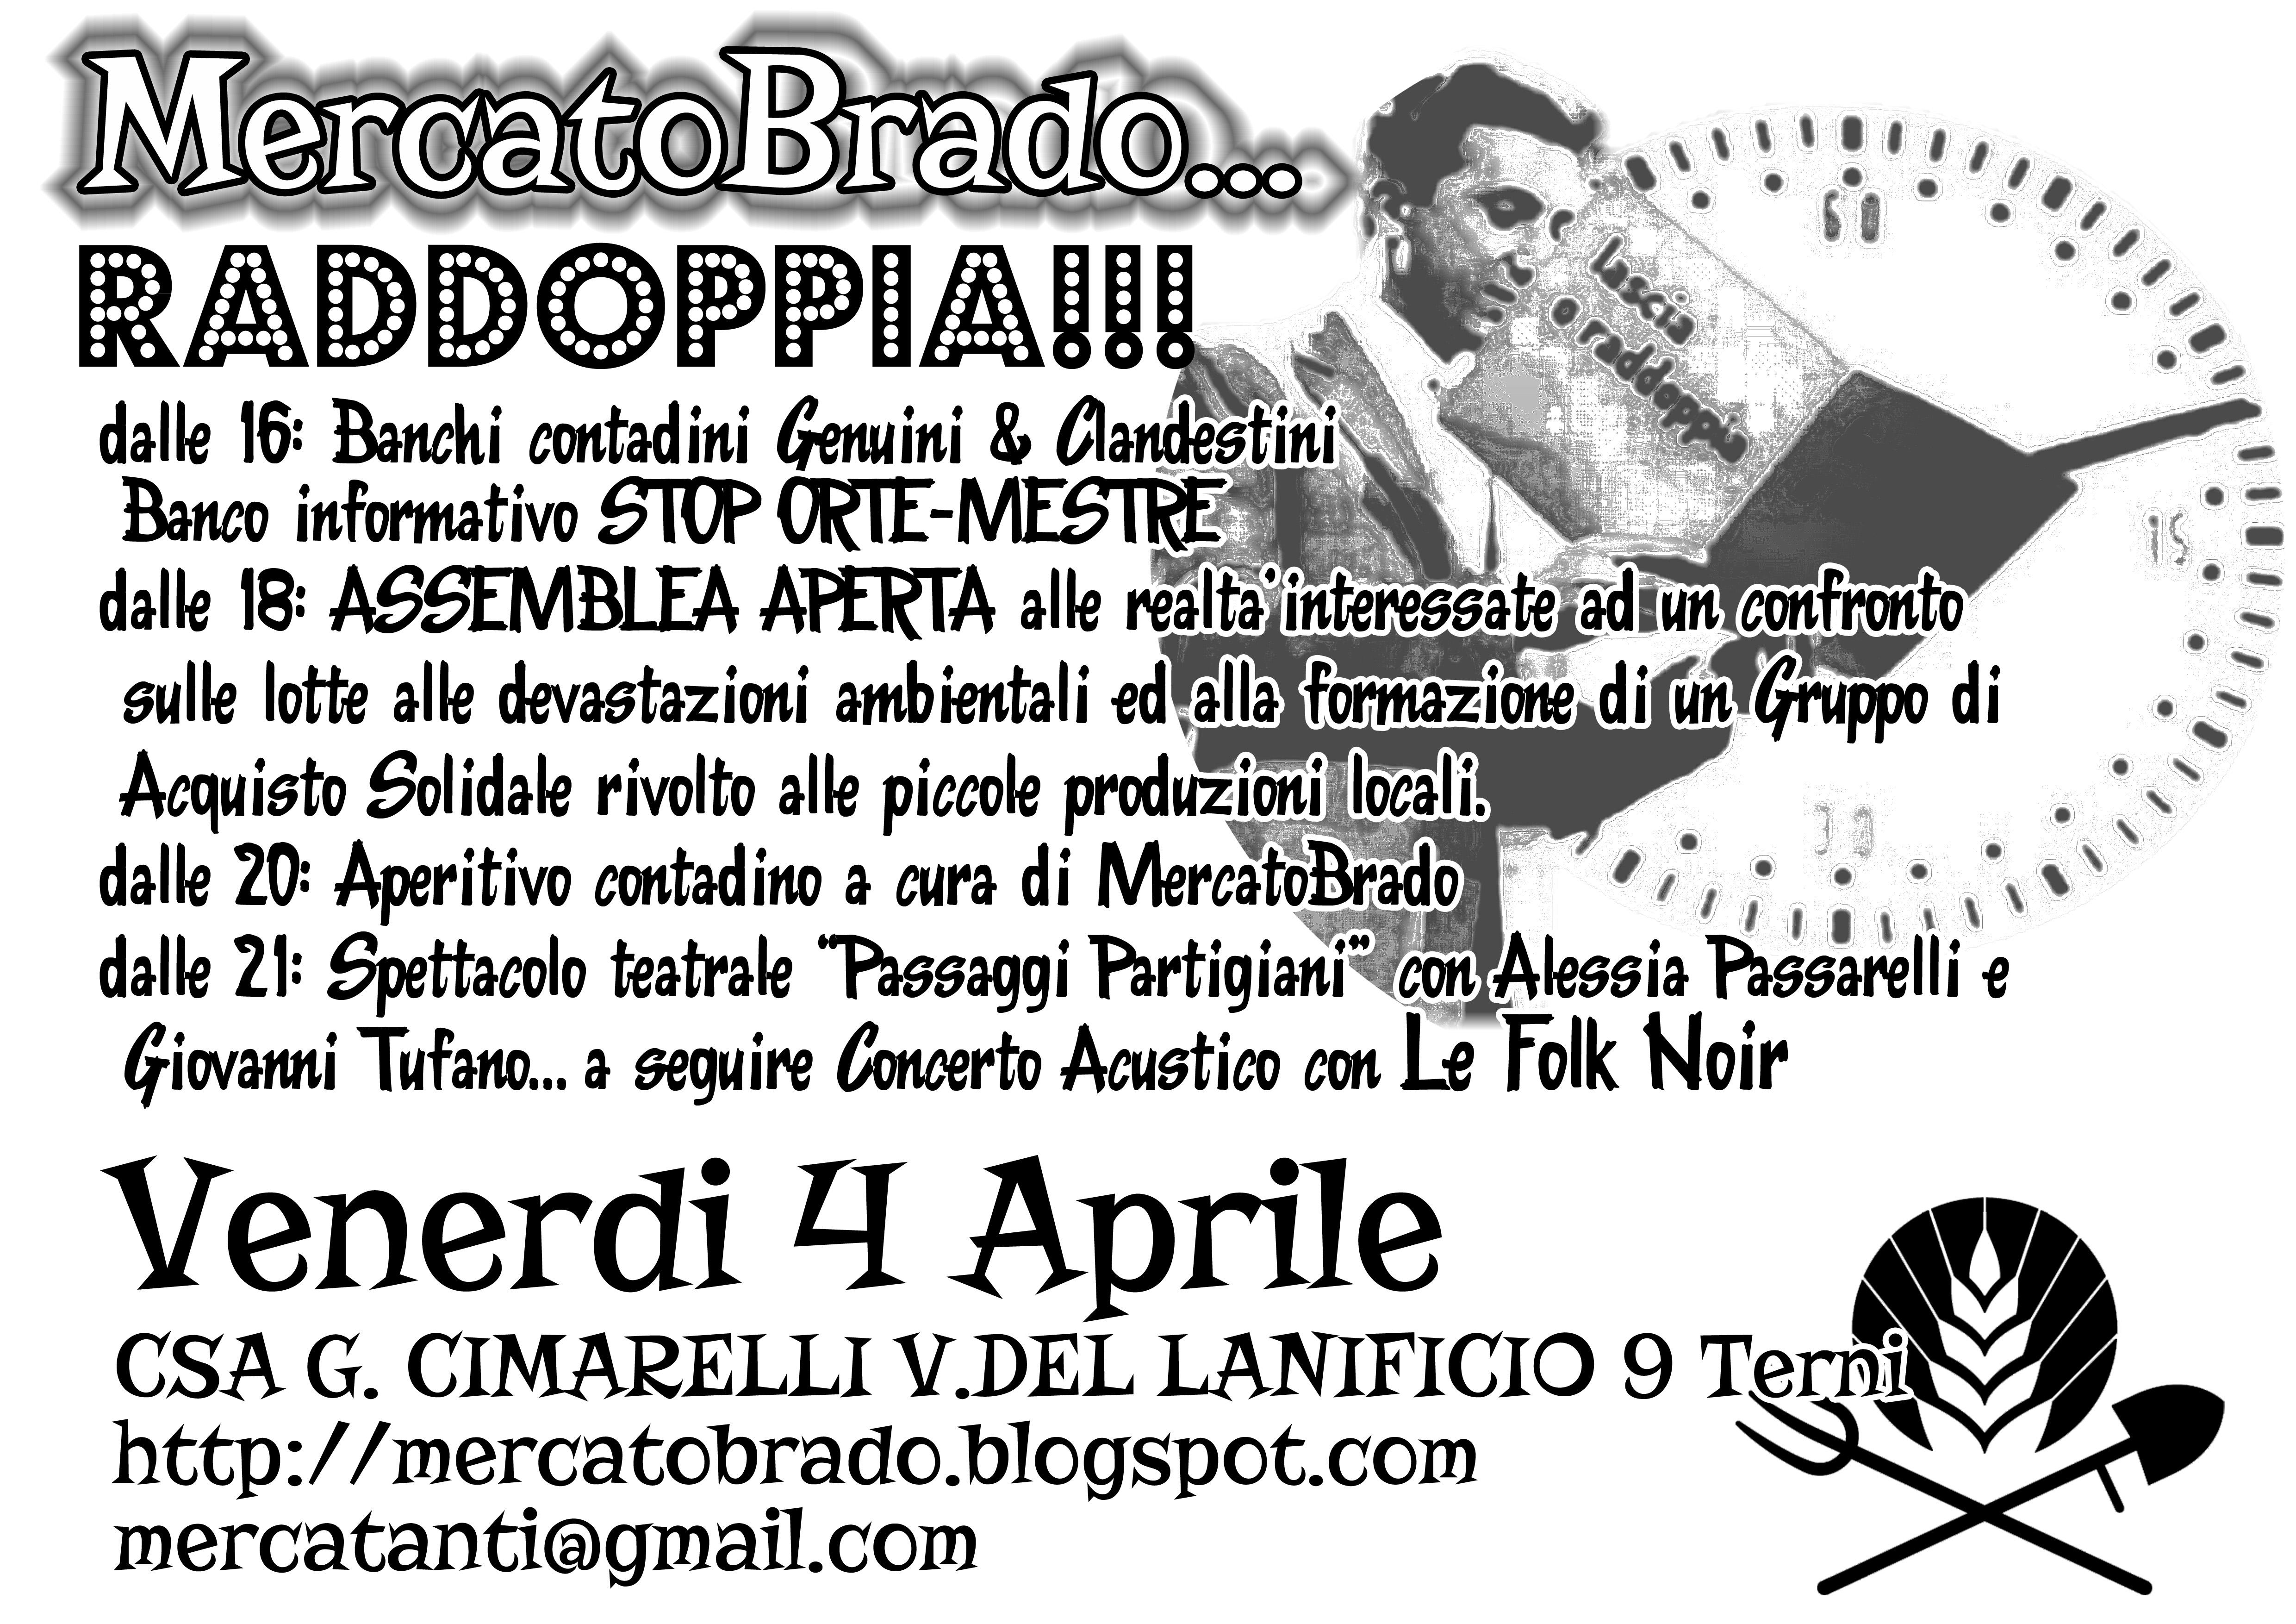 Locandina 4 aprile